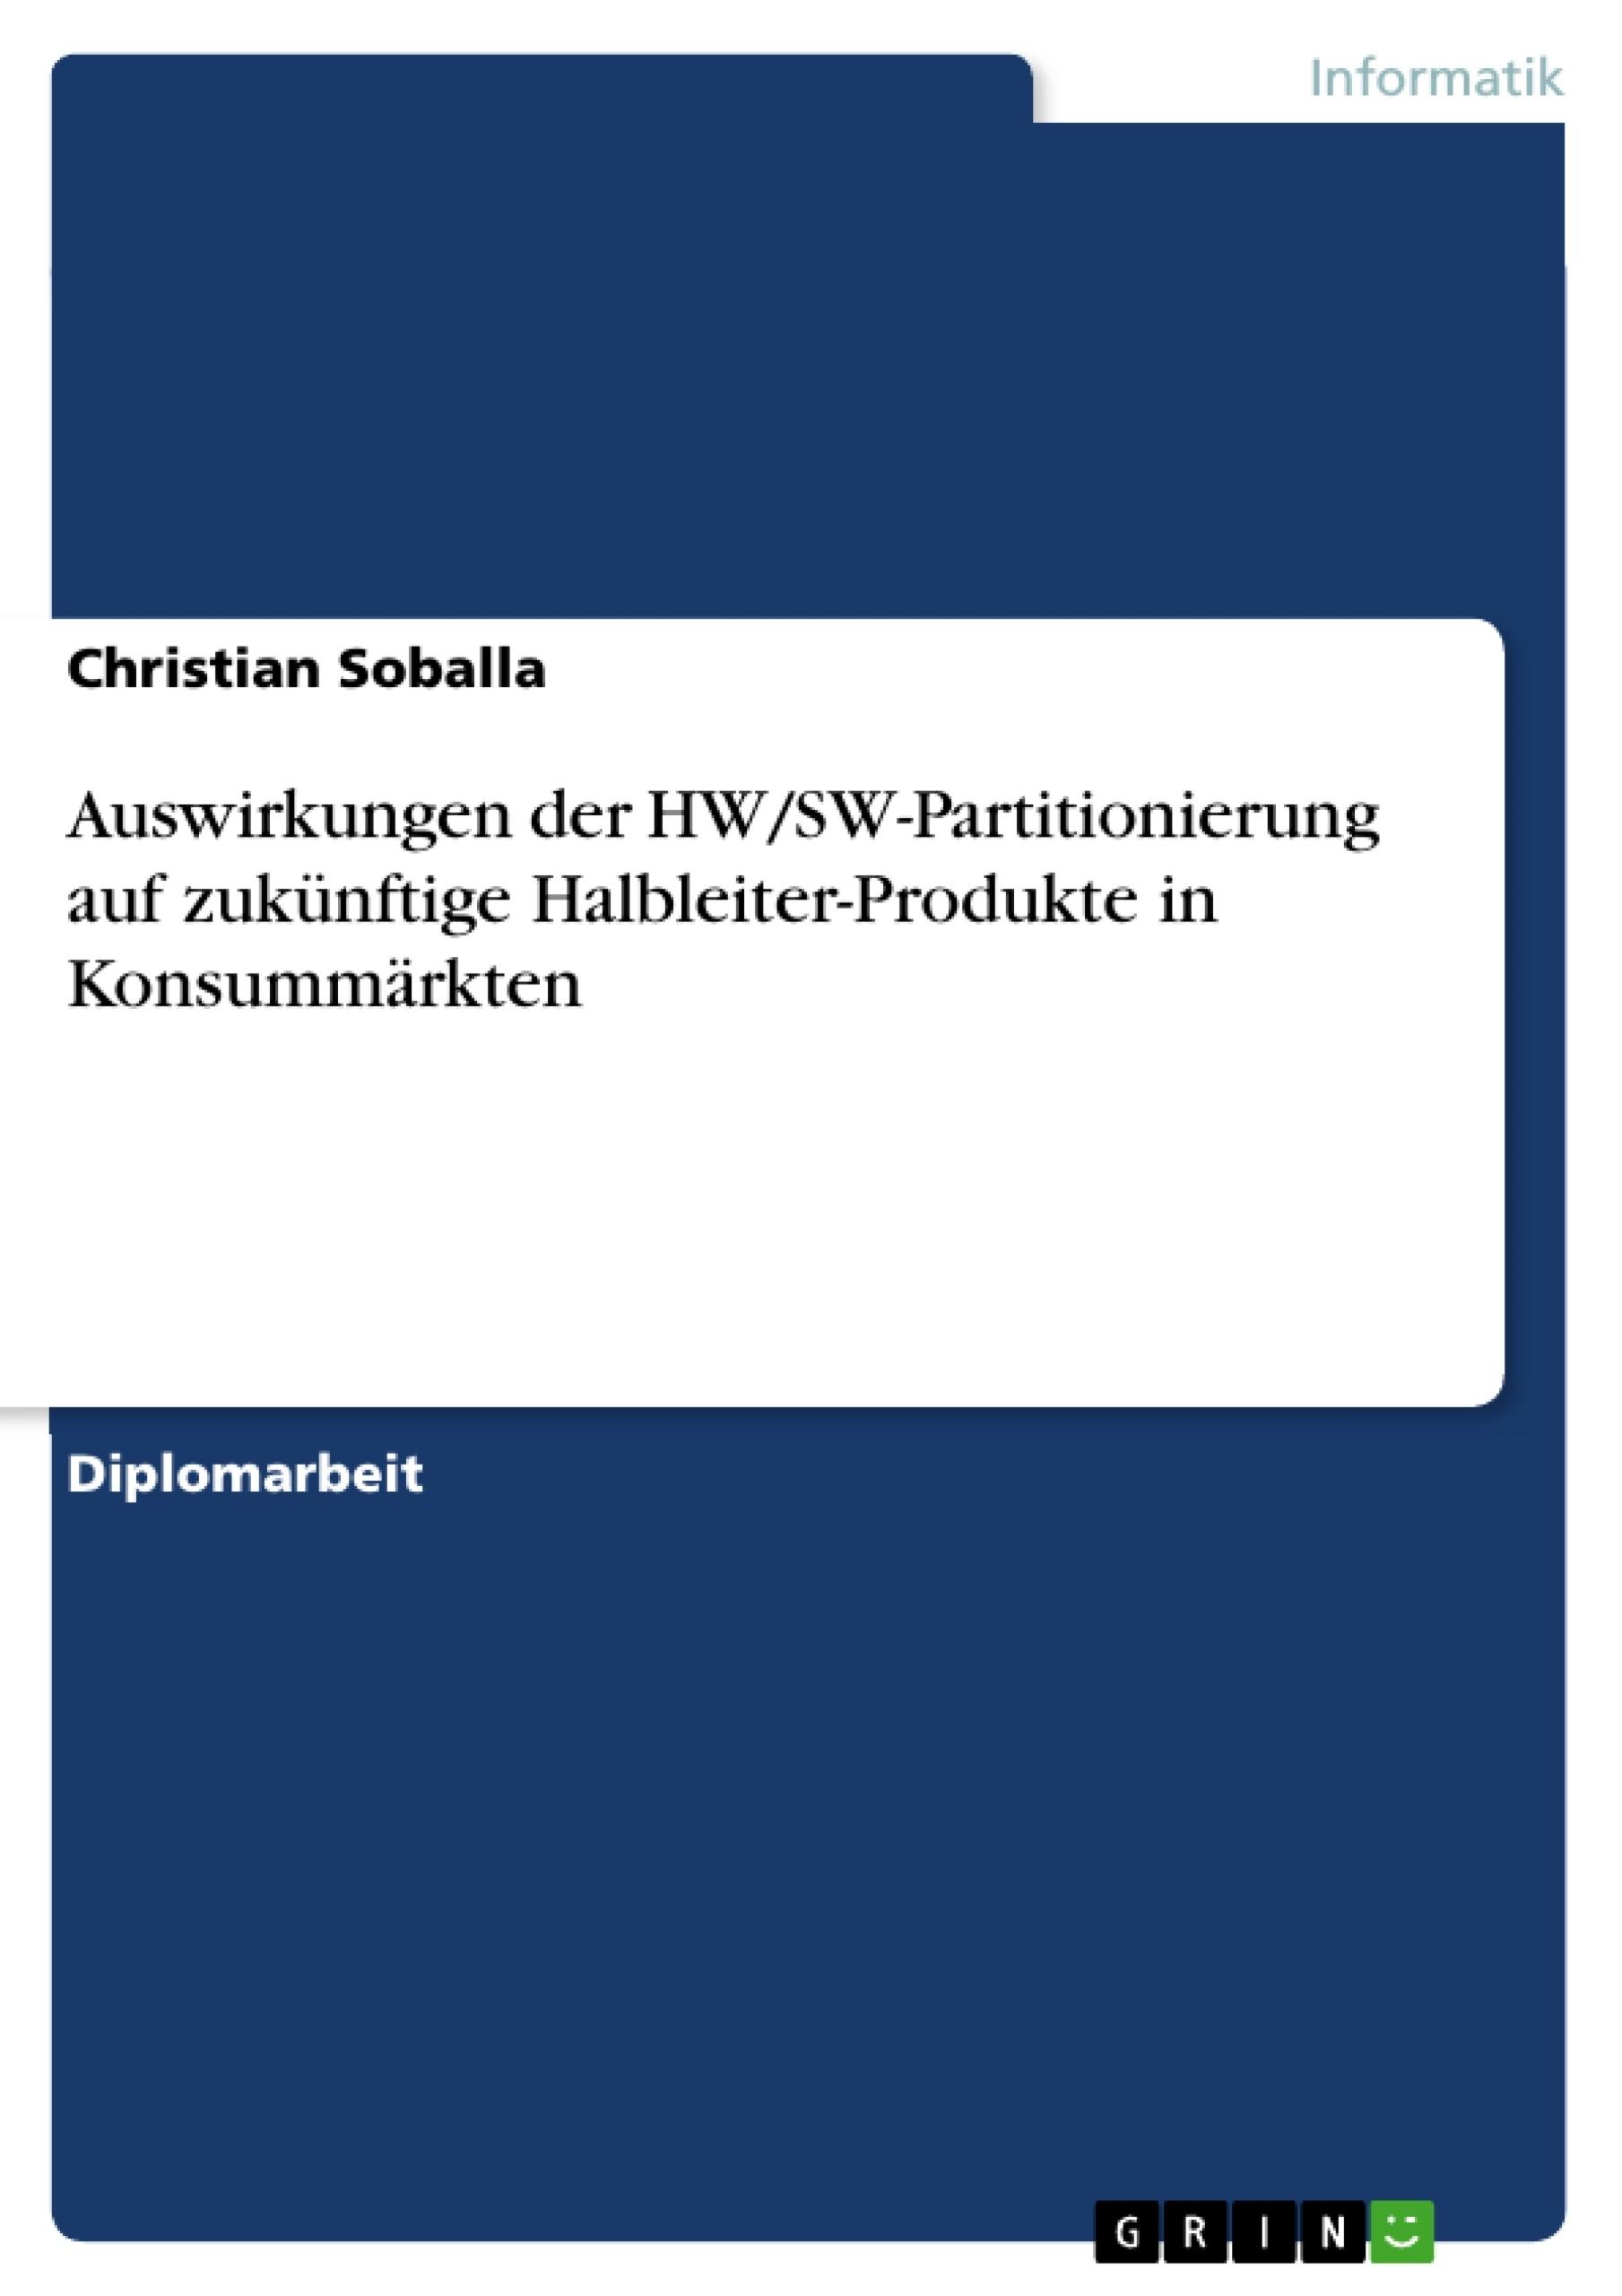 Titel: Auswirkungen der HW/SW-Partitionierung auf zukünftige Halbleiter-Produkte in Konsummärkten